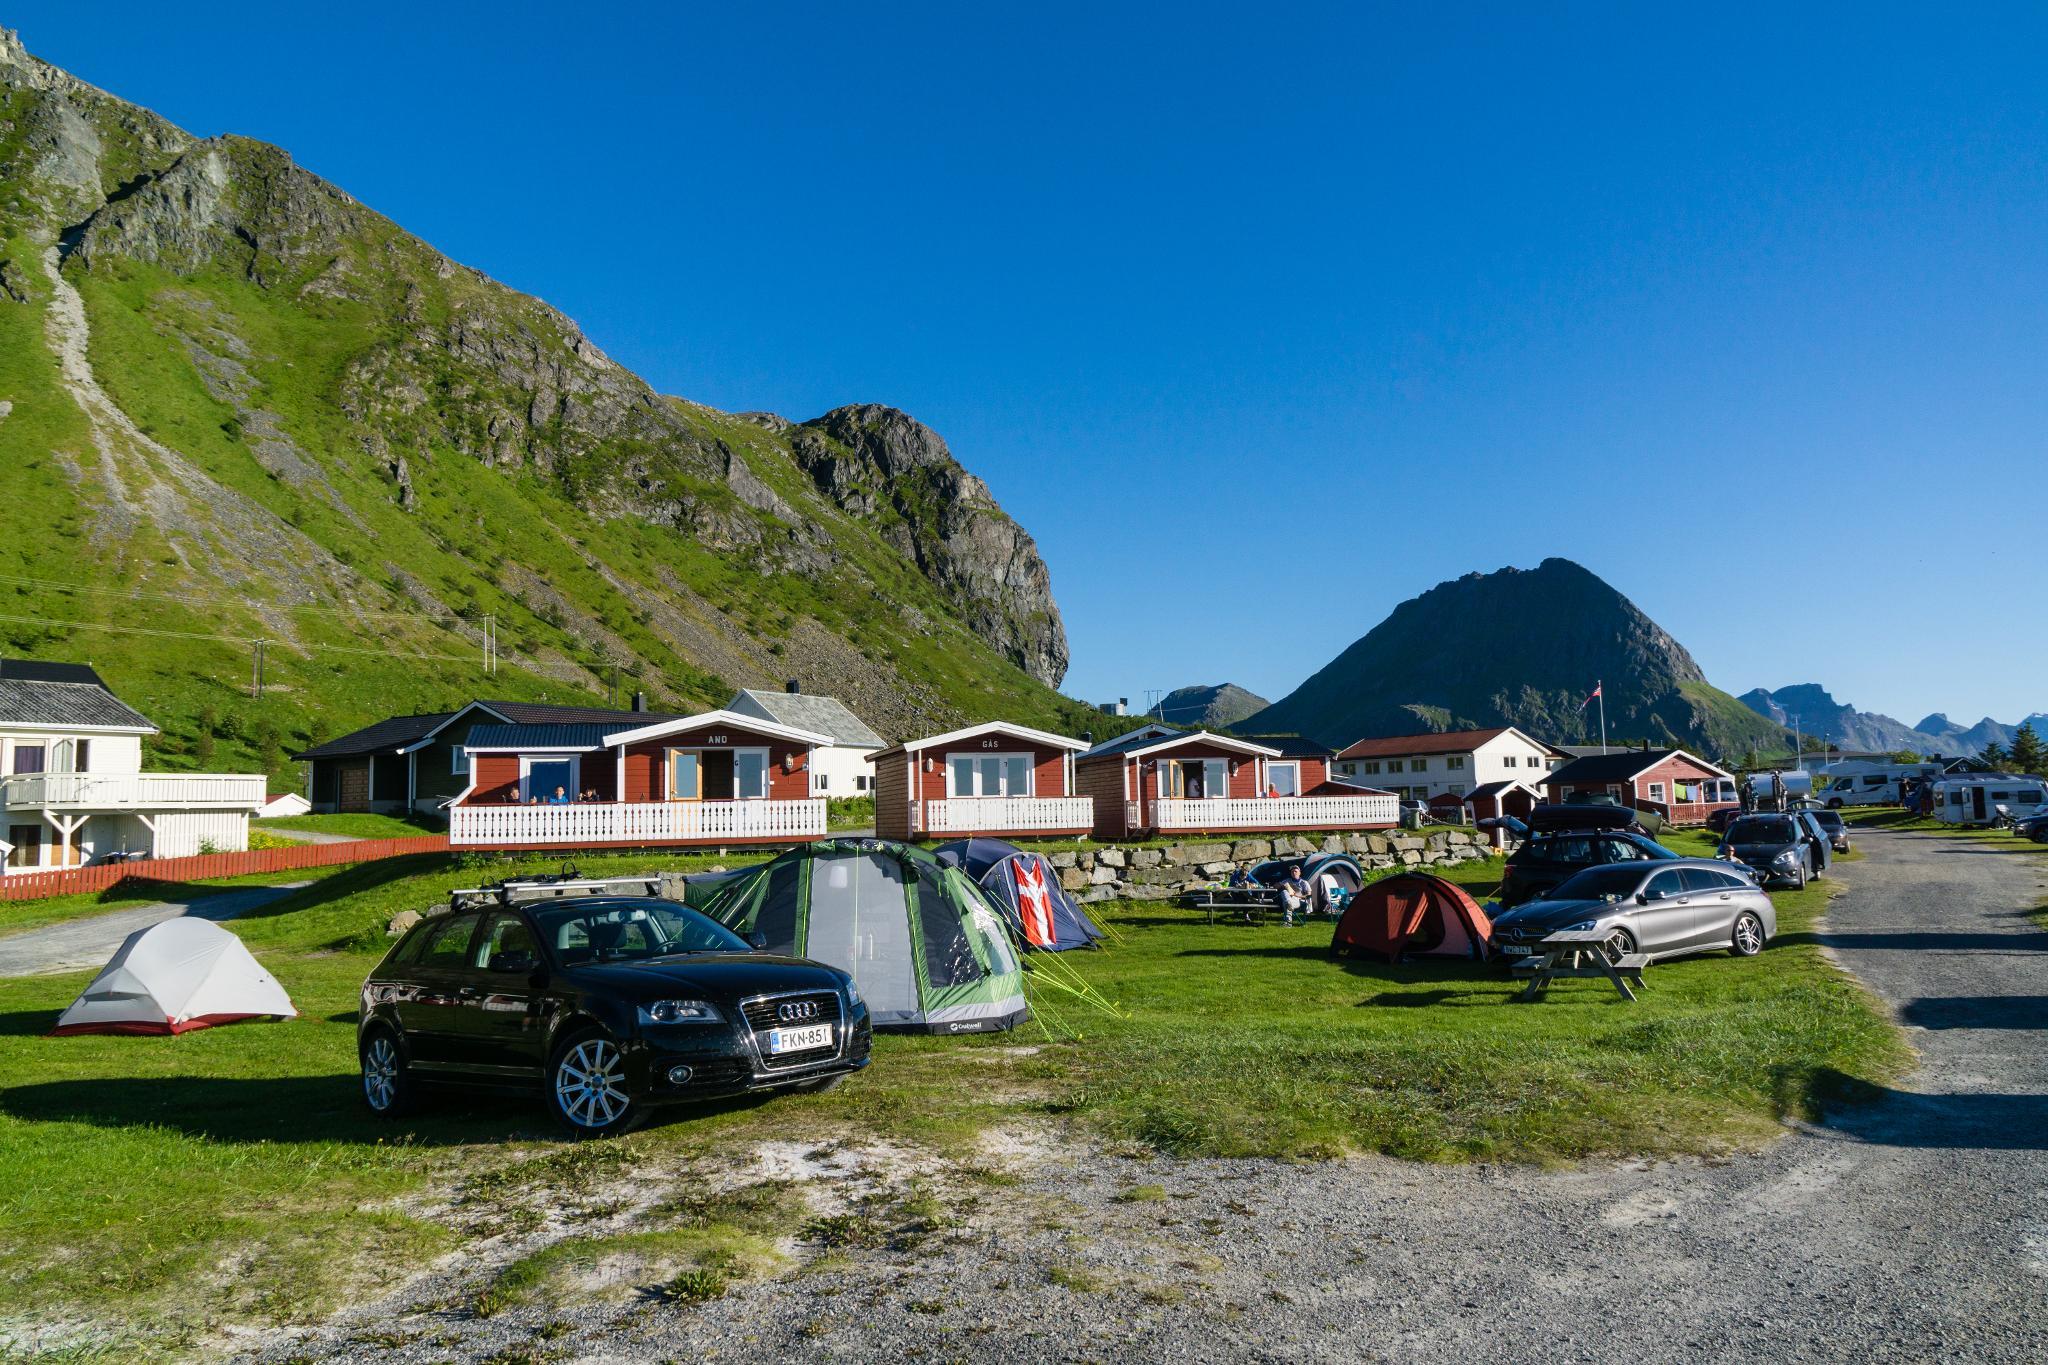 【北歐露營】推薦羅弗敦群島露營地 - Ramberg Camping 6